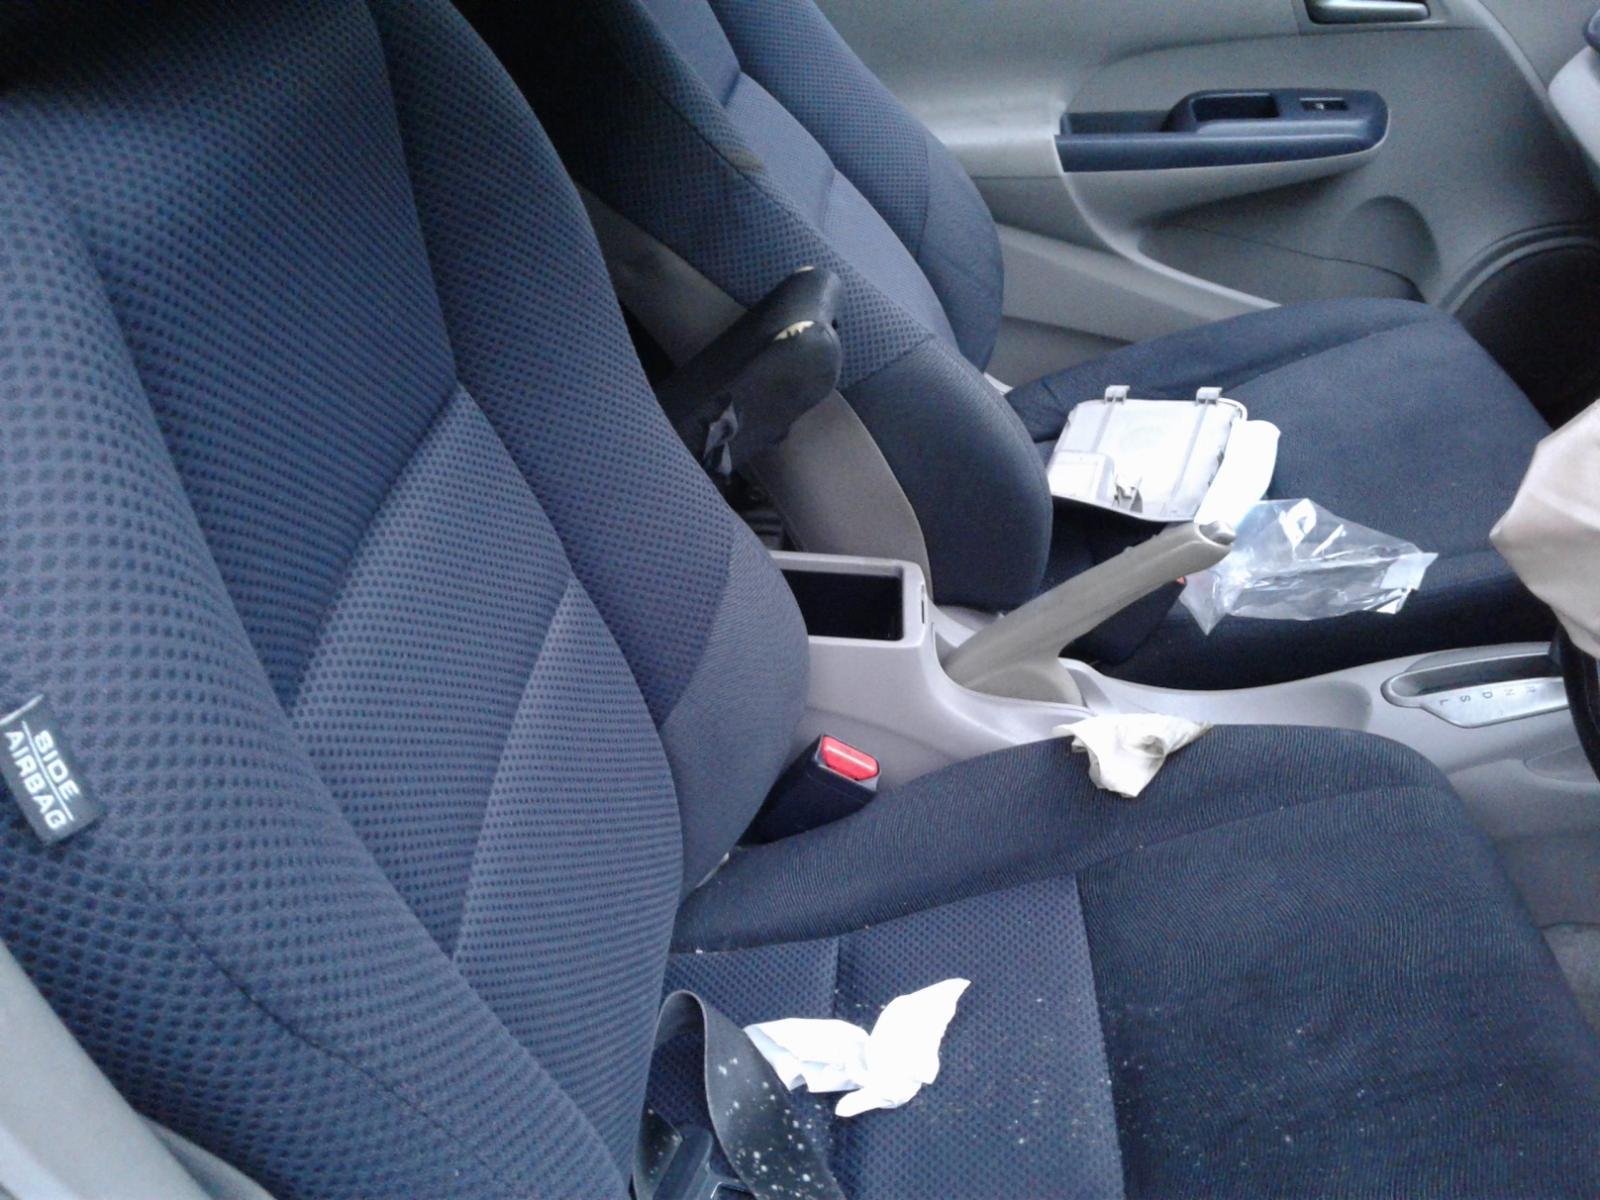 Image for a HONDA INSIGHT 2009 5 Door Hatchback